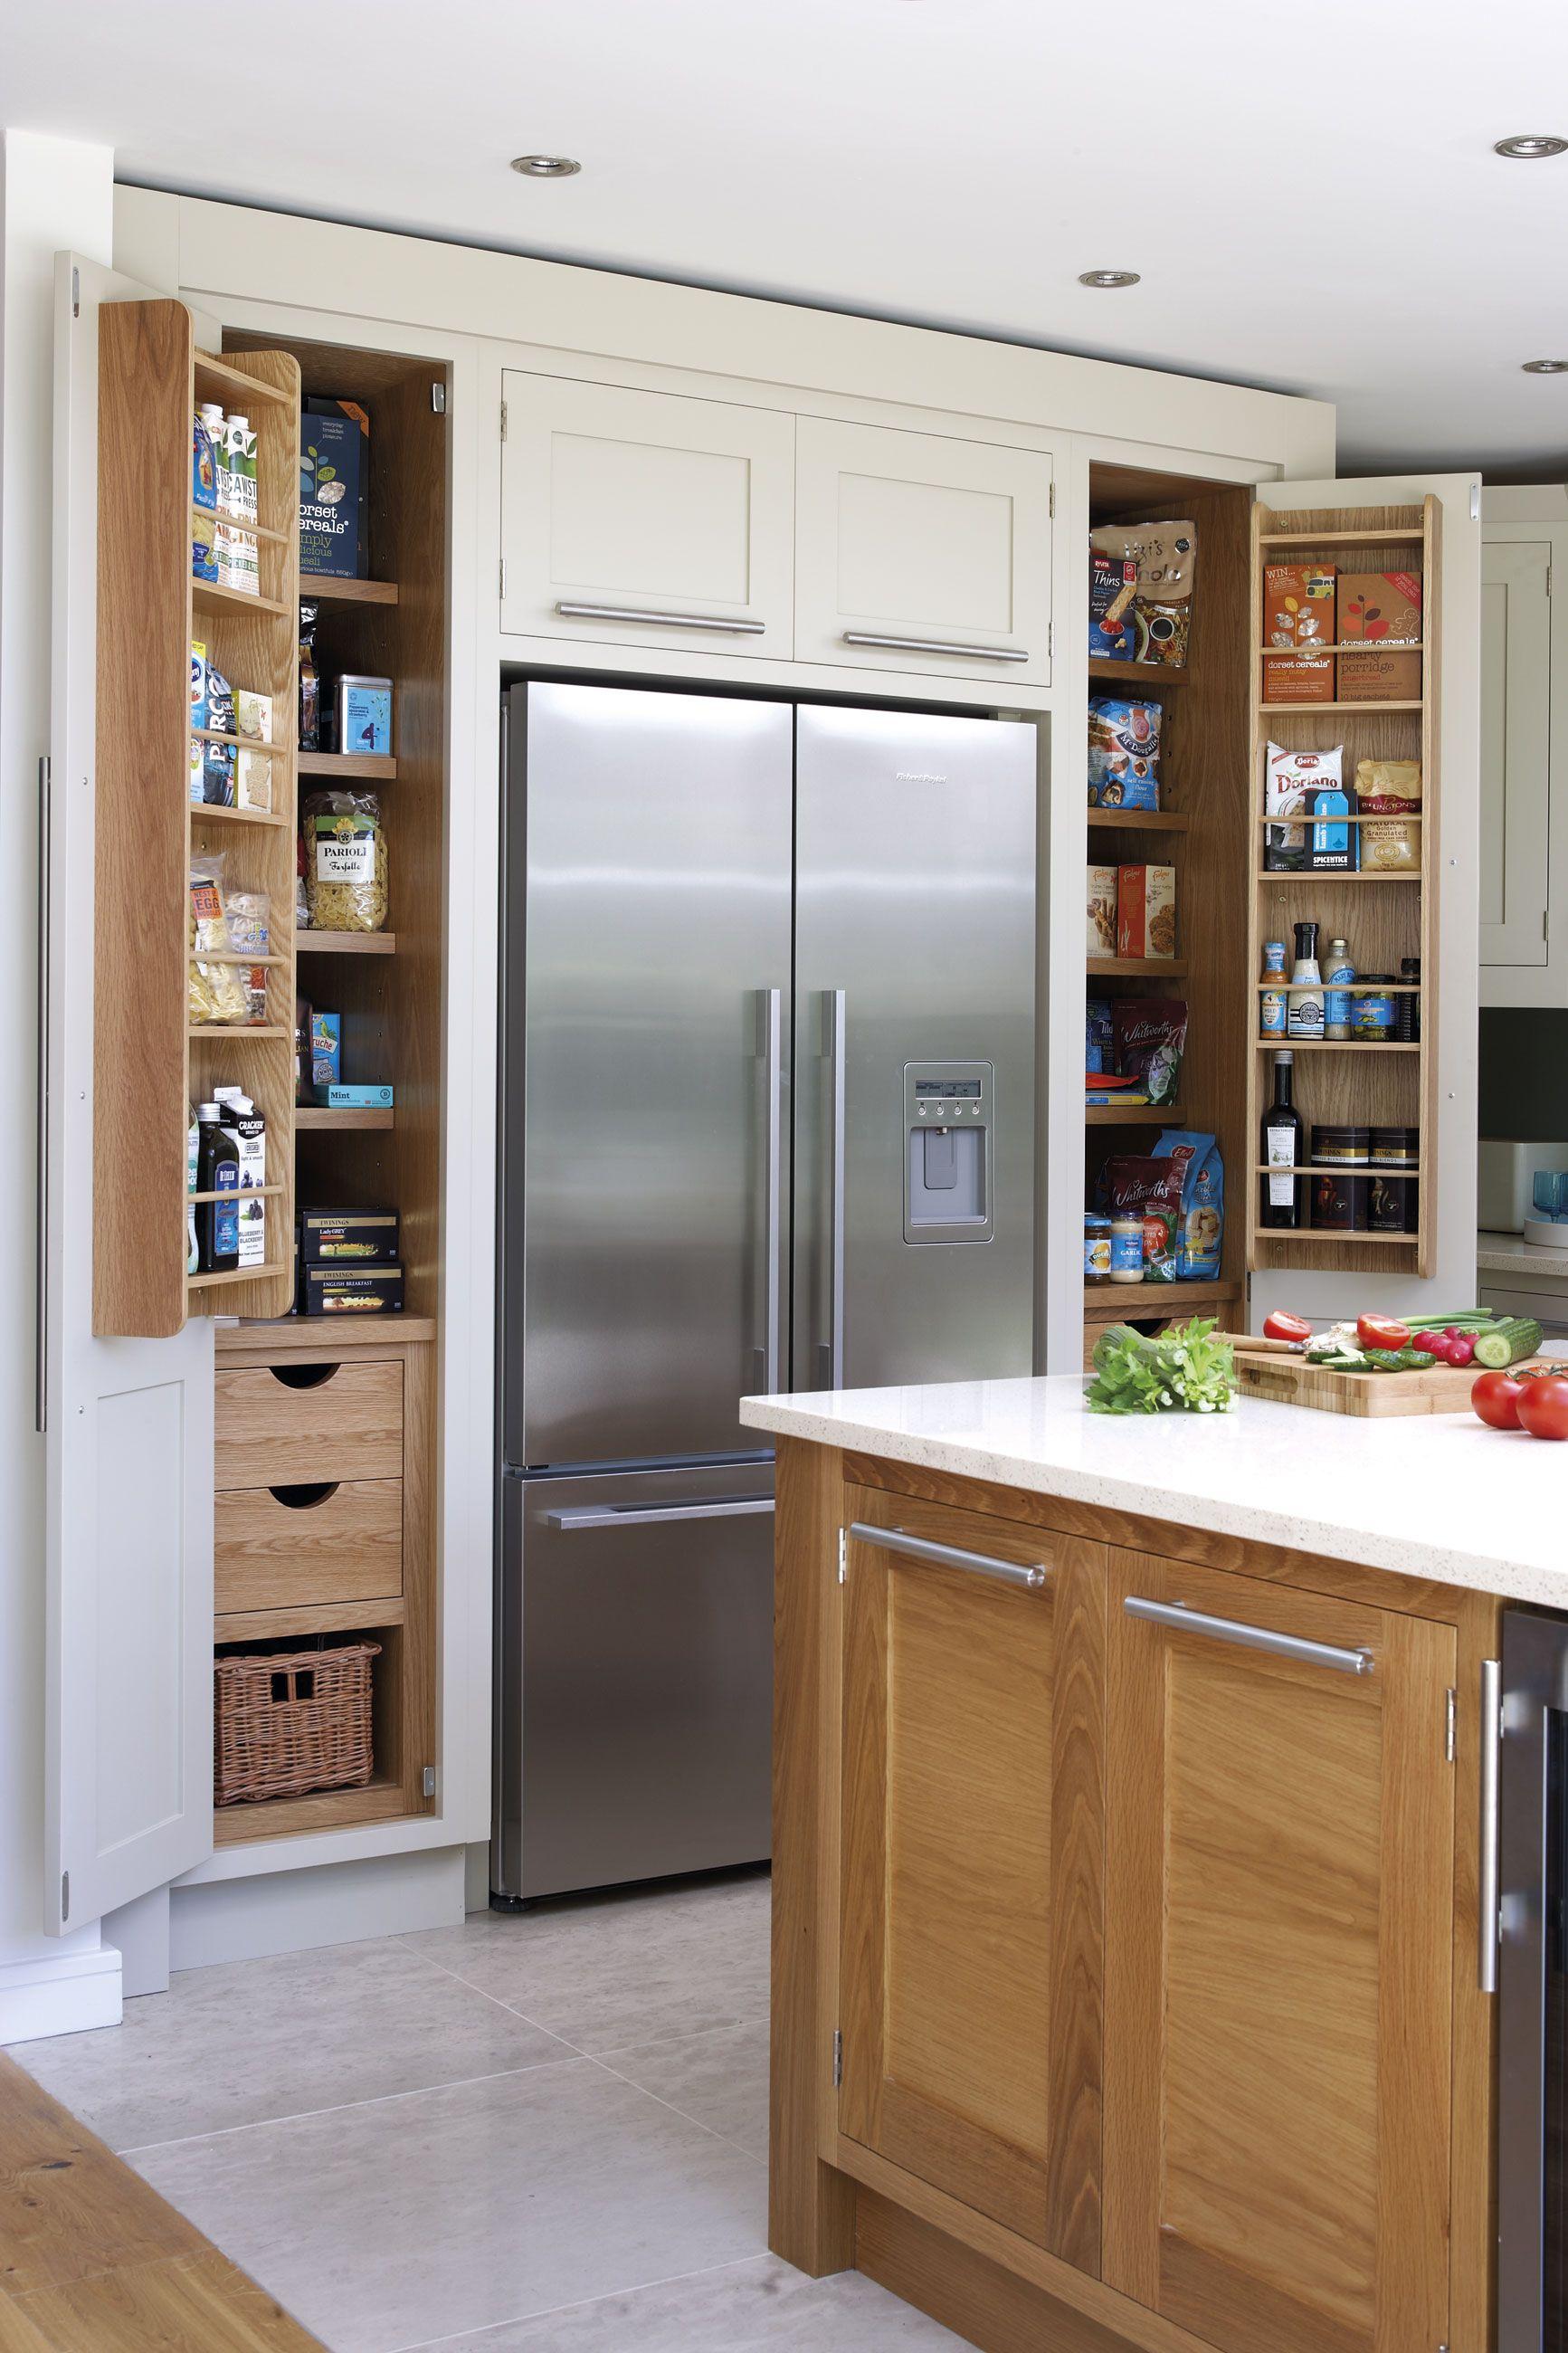 PunjabKesari, Nari, Kitchen storage Image, Open Kitchen Image